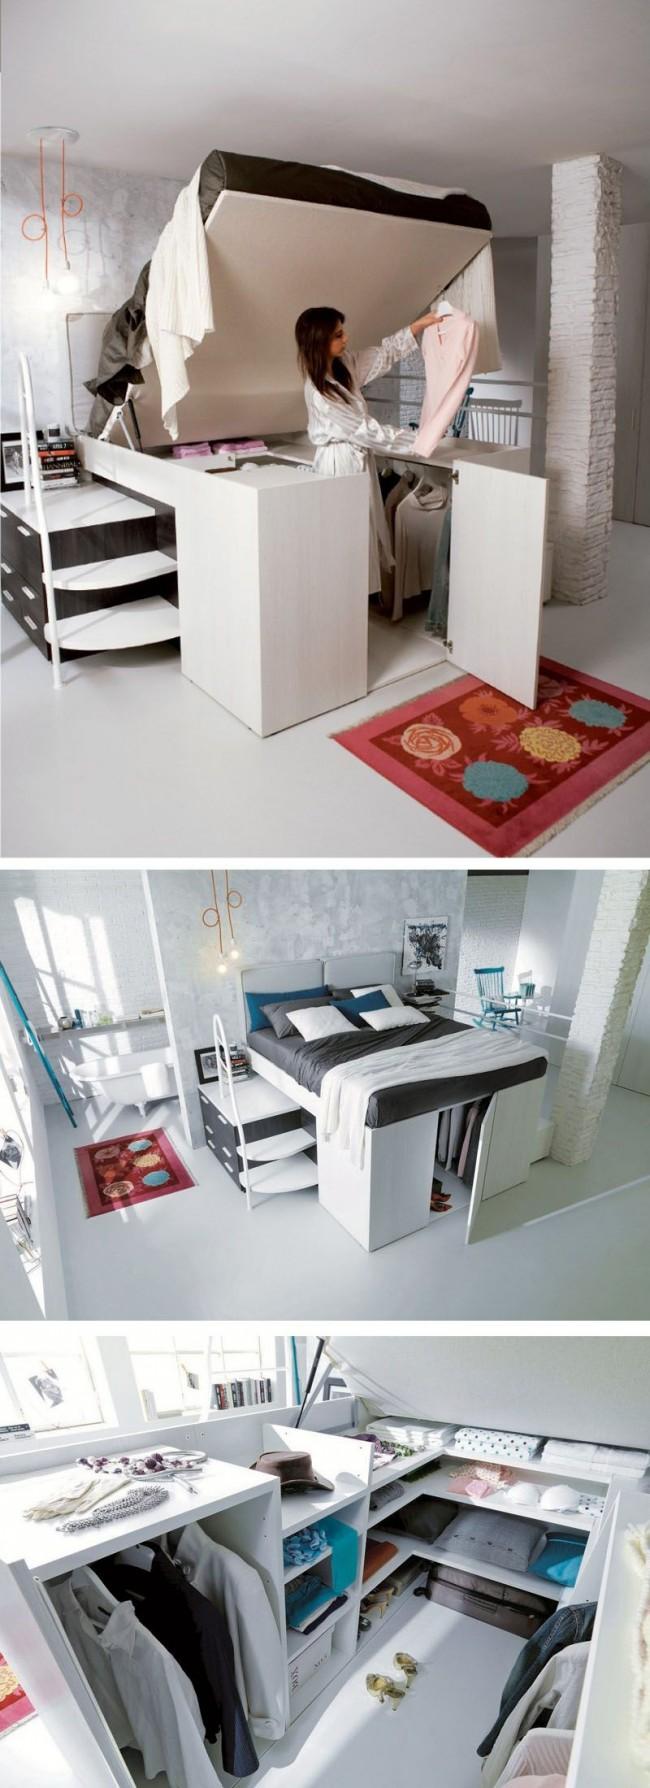 Гардеробная под кроватью - удачное решение для маленькой квартиры